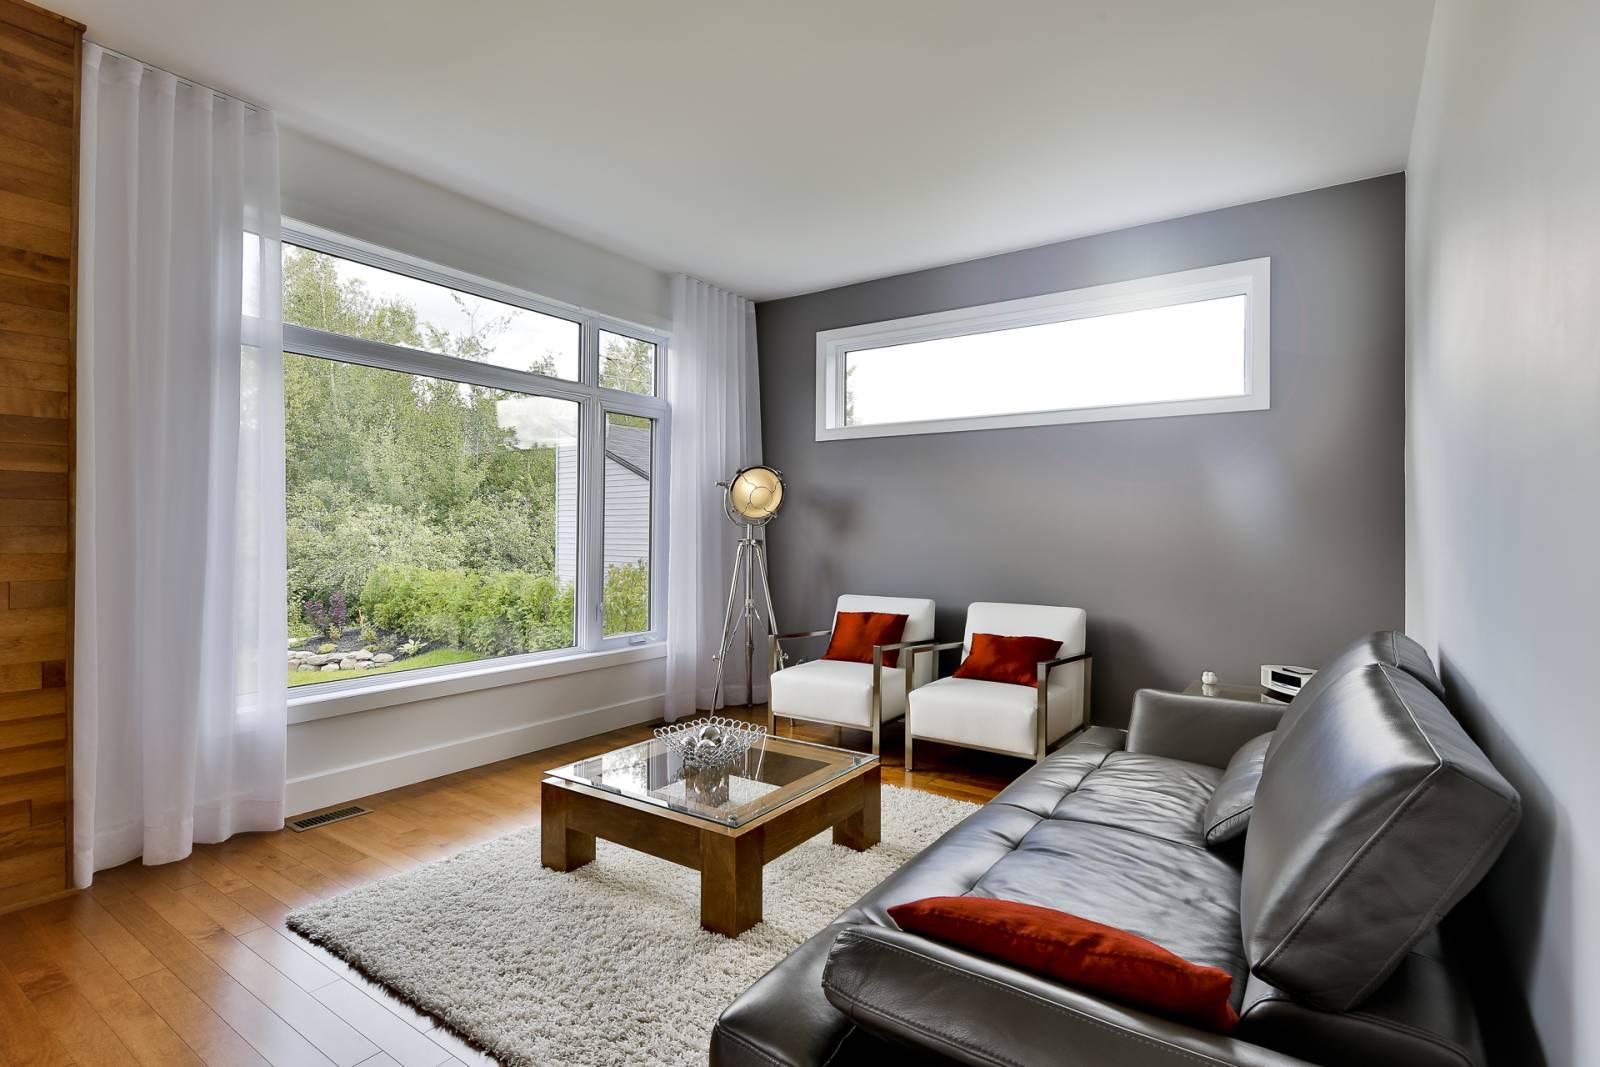 r alisations portes et fen tres d 39 aujourd 39 hui d taillant fenplast granby bromont. Black Bedroom Furniture Sets. Home Design Ideas